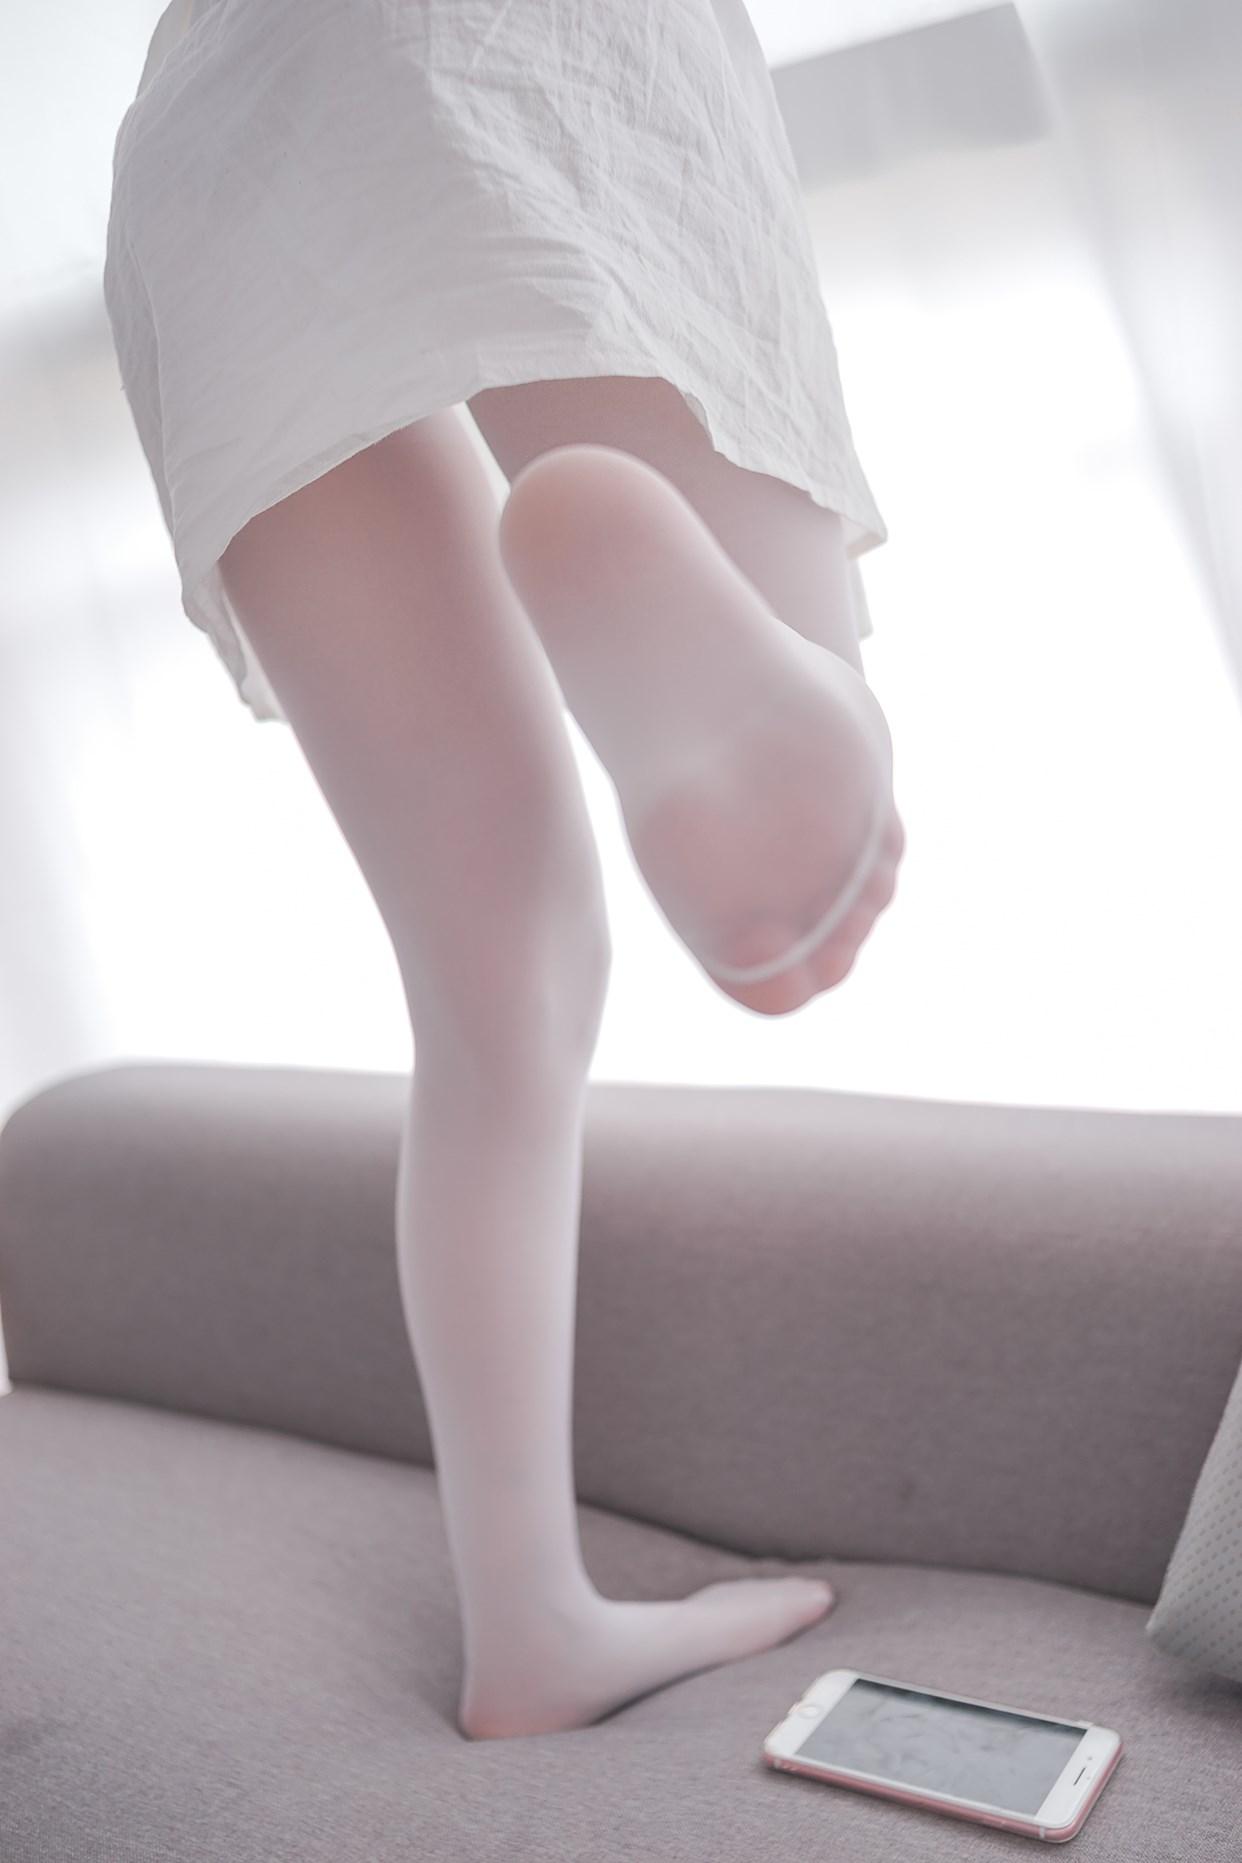 【兔玩映画】白丝喵喵 兔玩映画 第42张